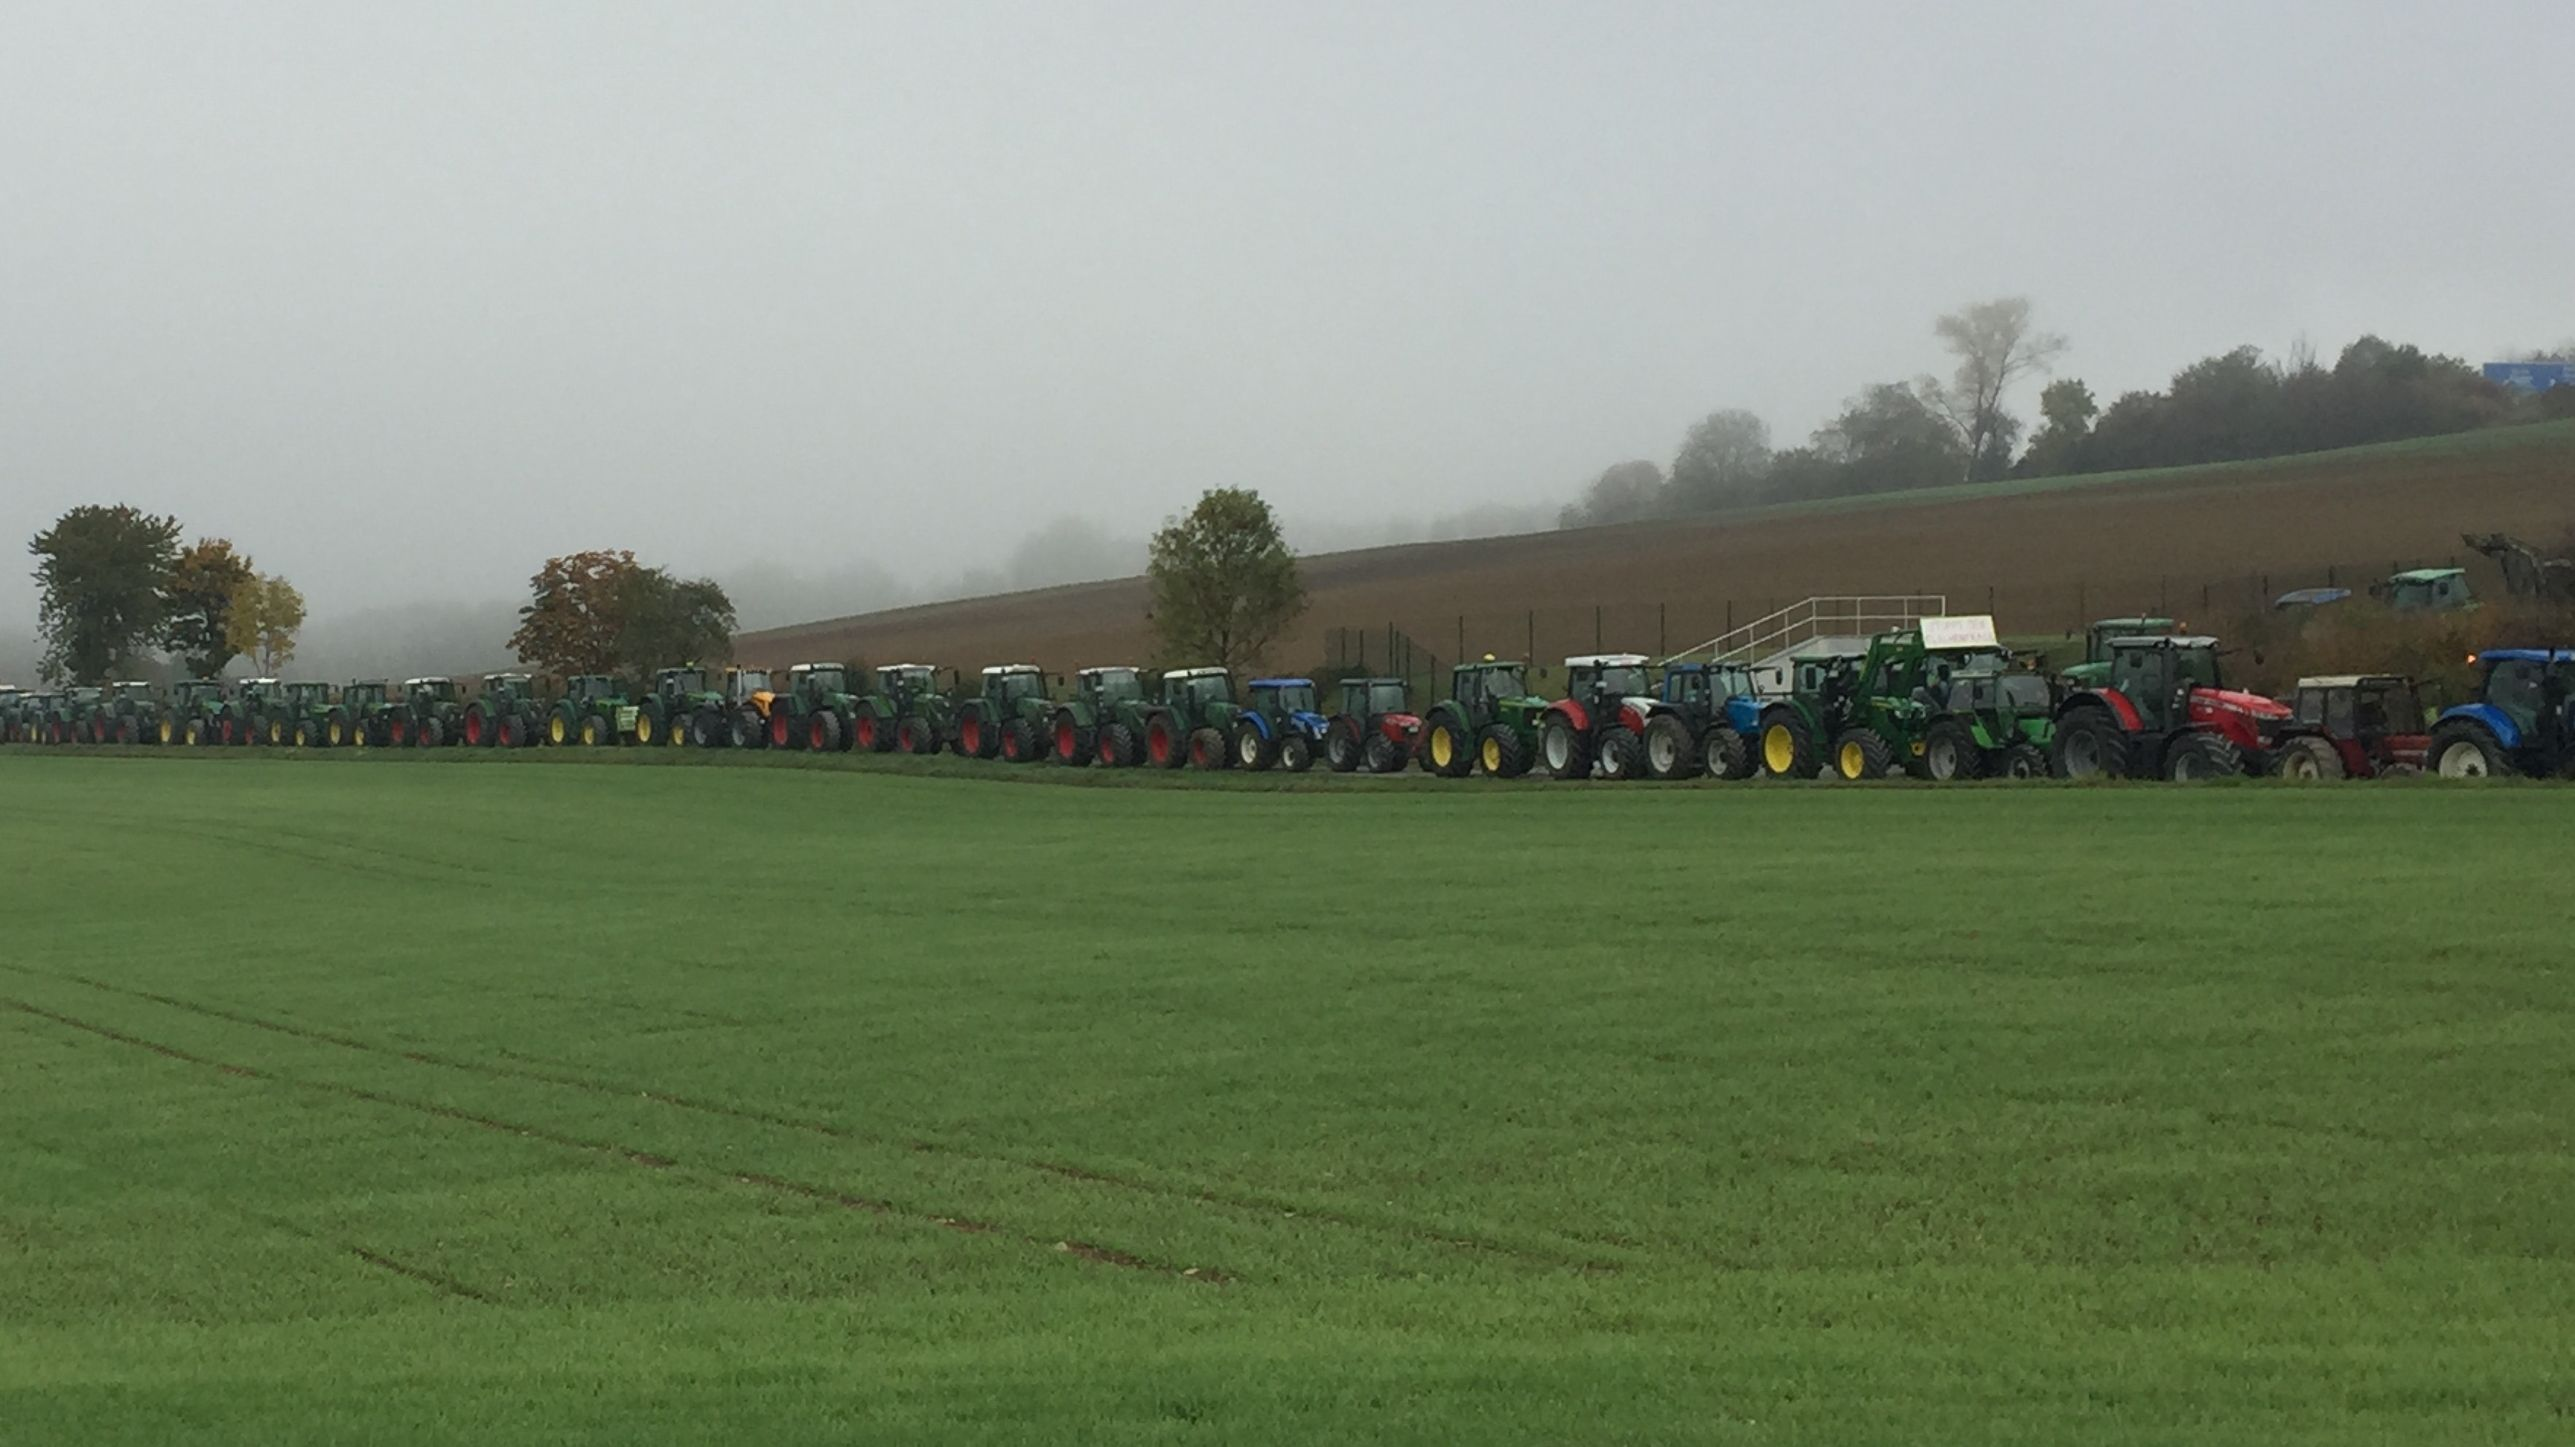 Viele Traktoren stehen auf einem Feldweg in Reih und Glied. Im Vordergrund ist eine Wiese zu sehen.